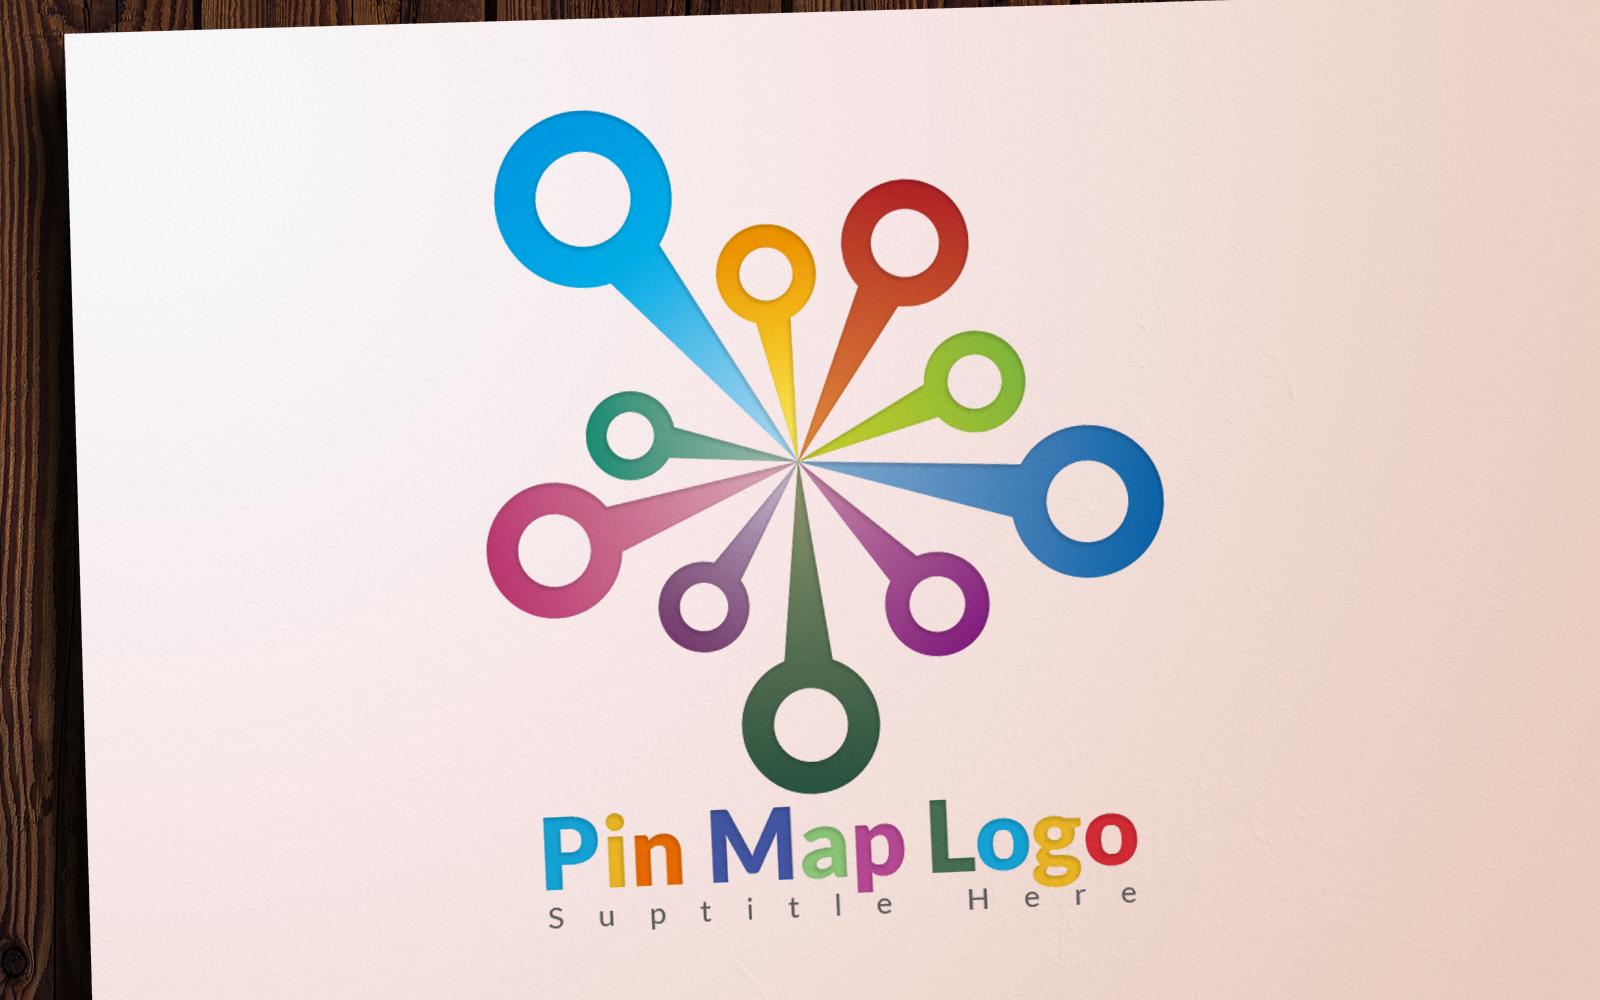 Pin Map Unika logotyp mall #101607